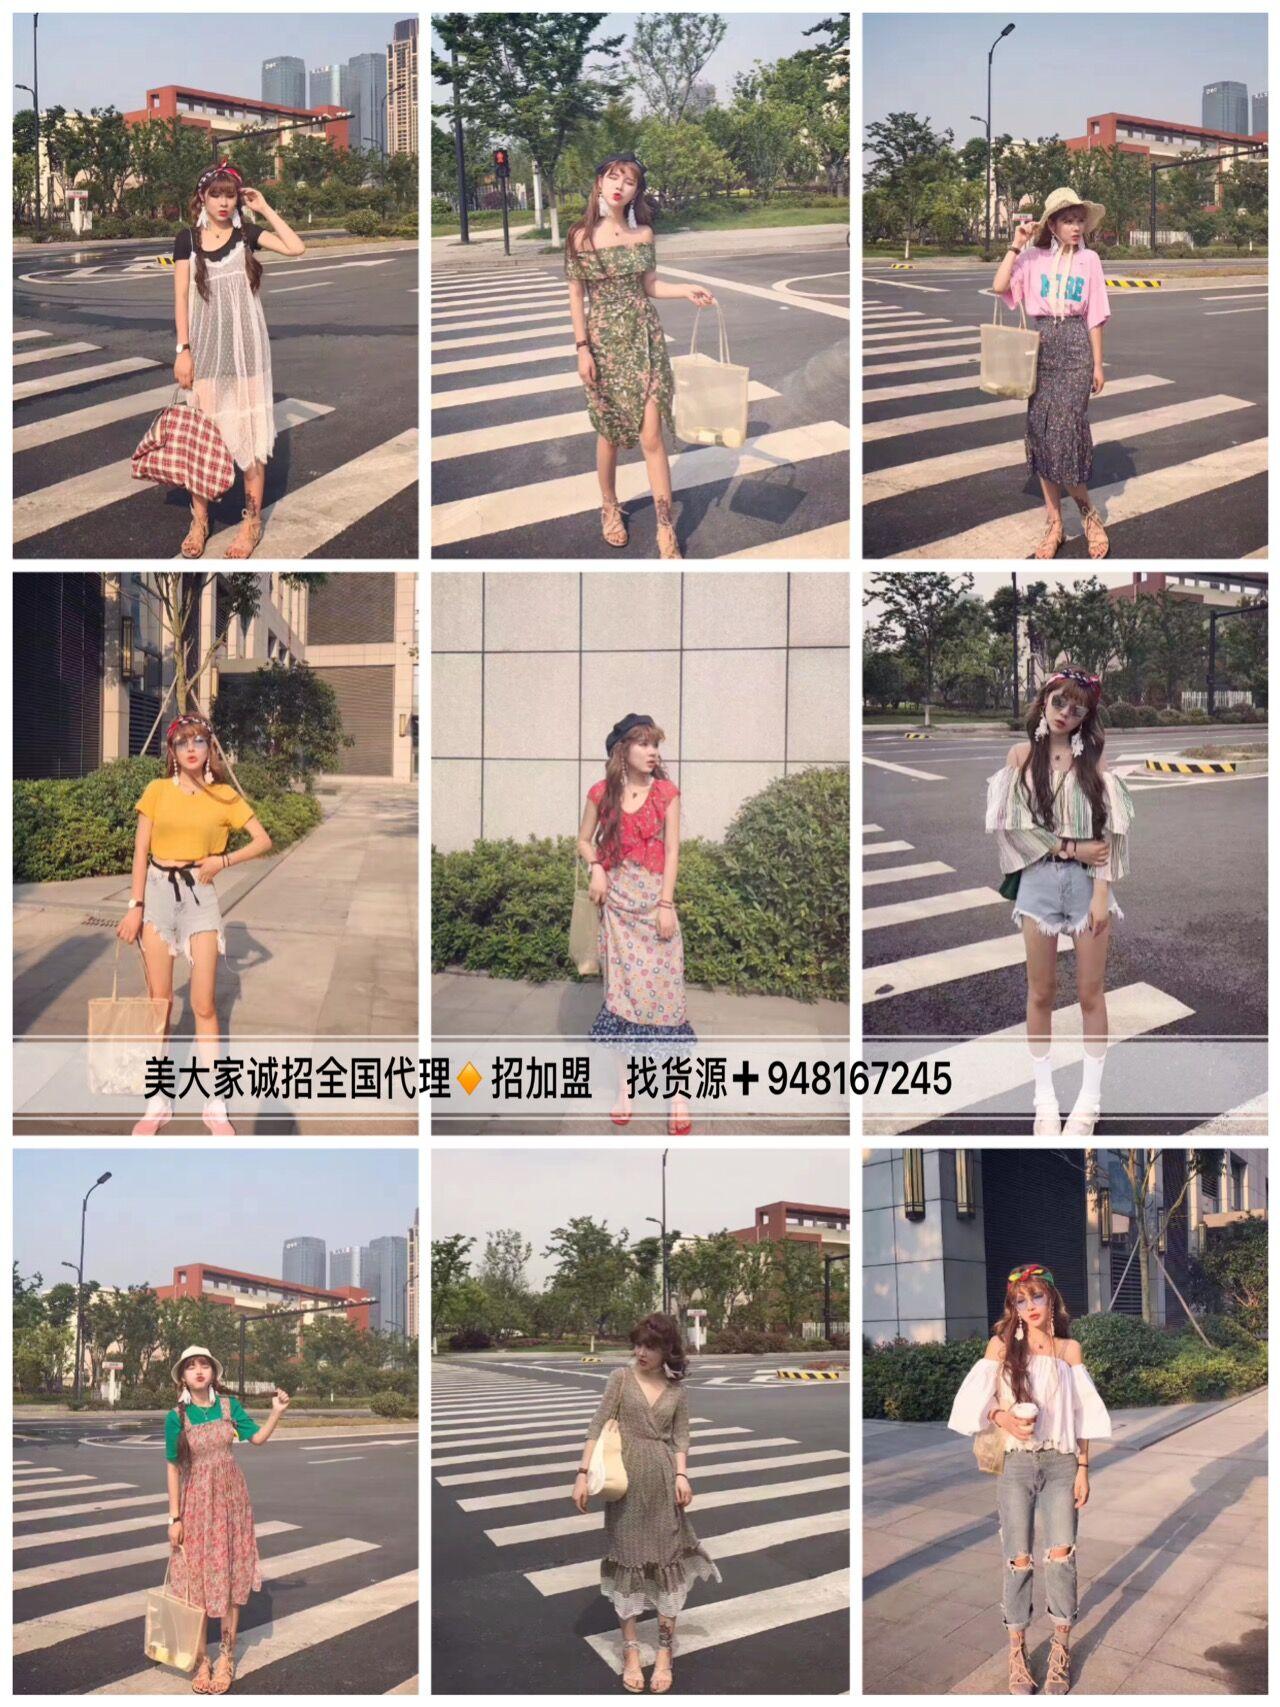 这是第9张女装欧美日韩泰国多种款式选择的货源图片